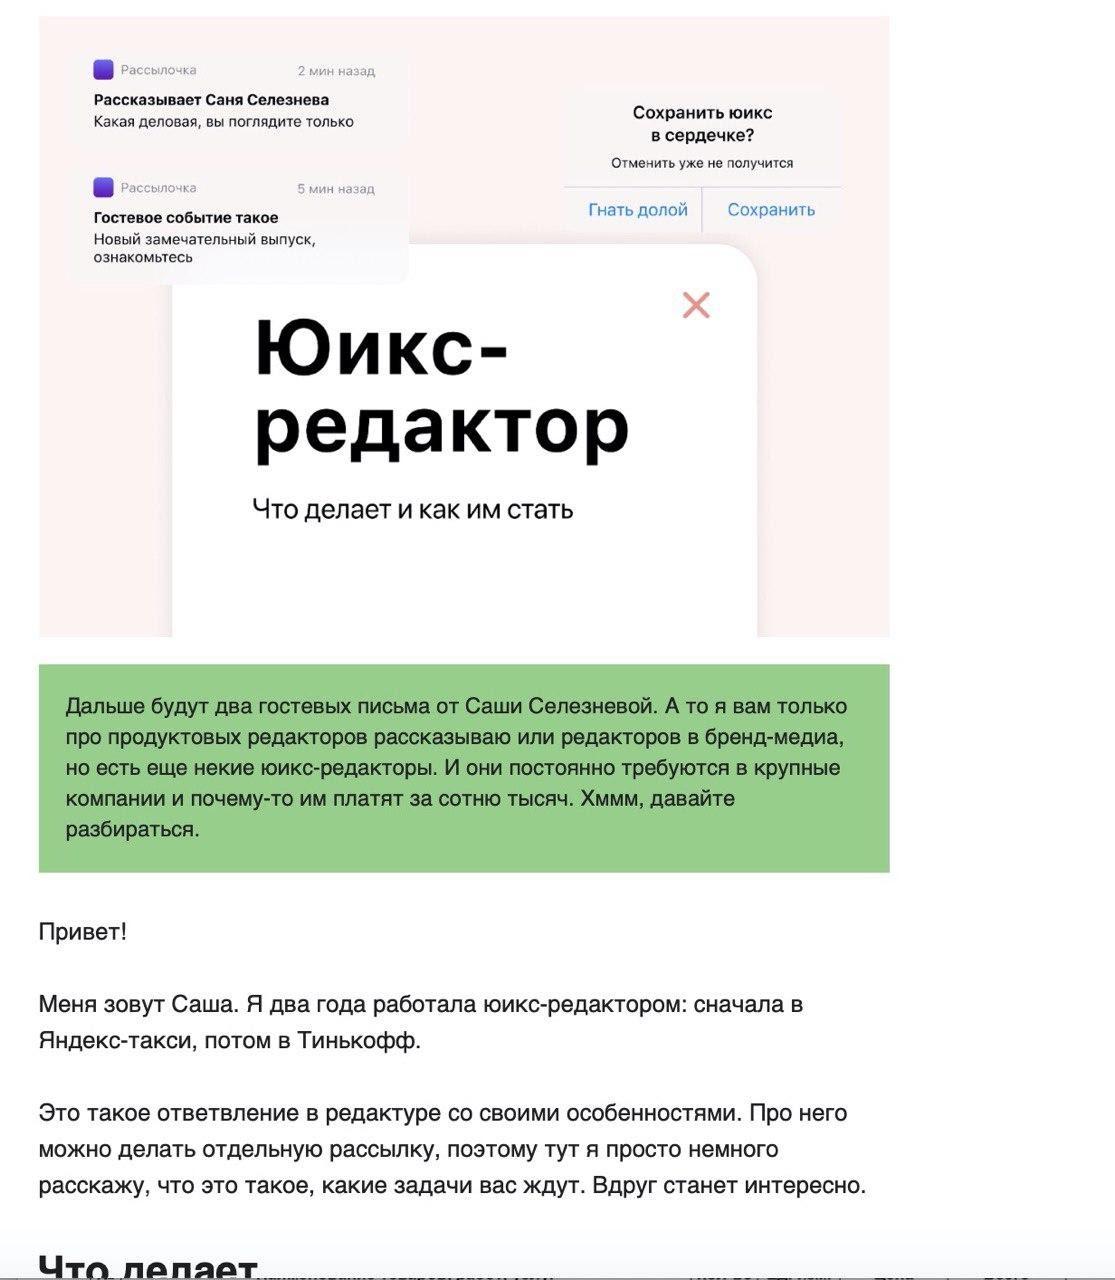 Часть гостевого письма от Саши Селезнёвой, которая работала UX-редактором в «Яндекс-такси» и «Тинькофф»